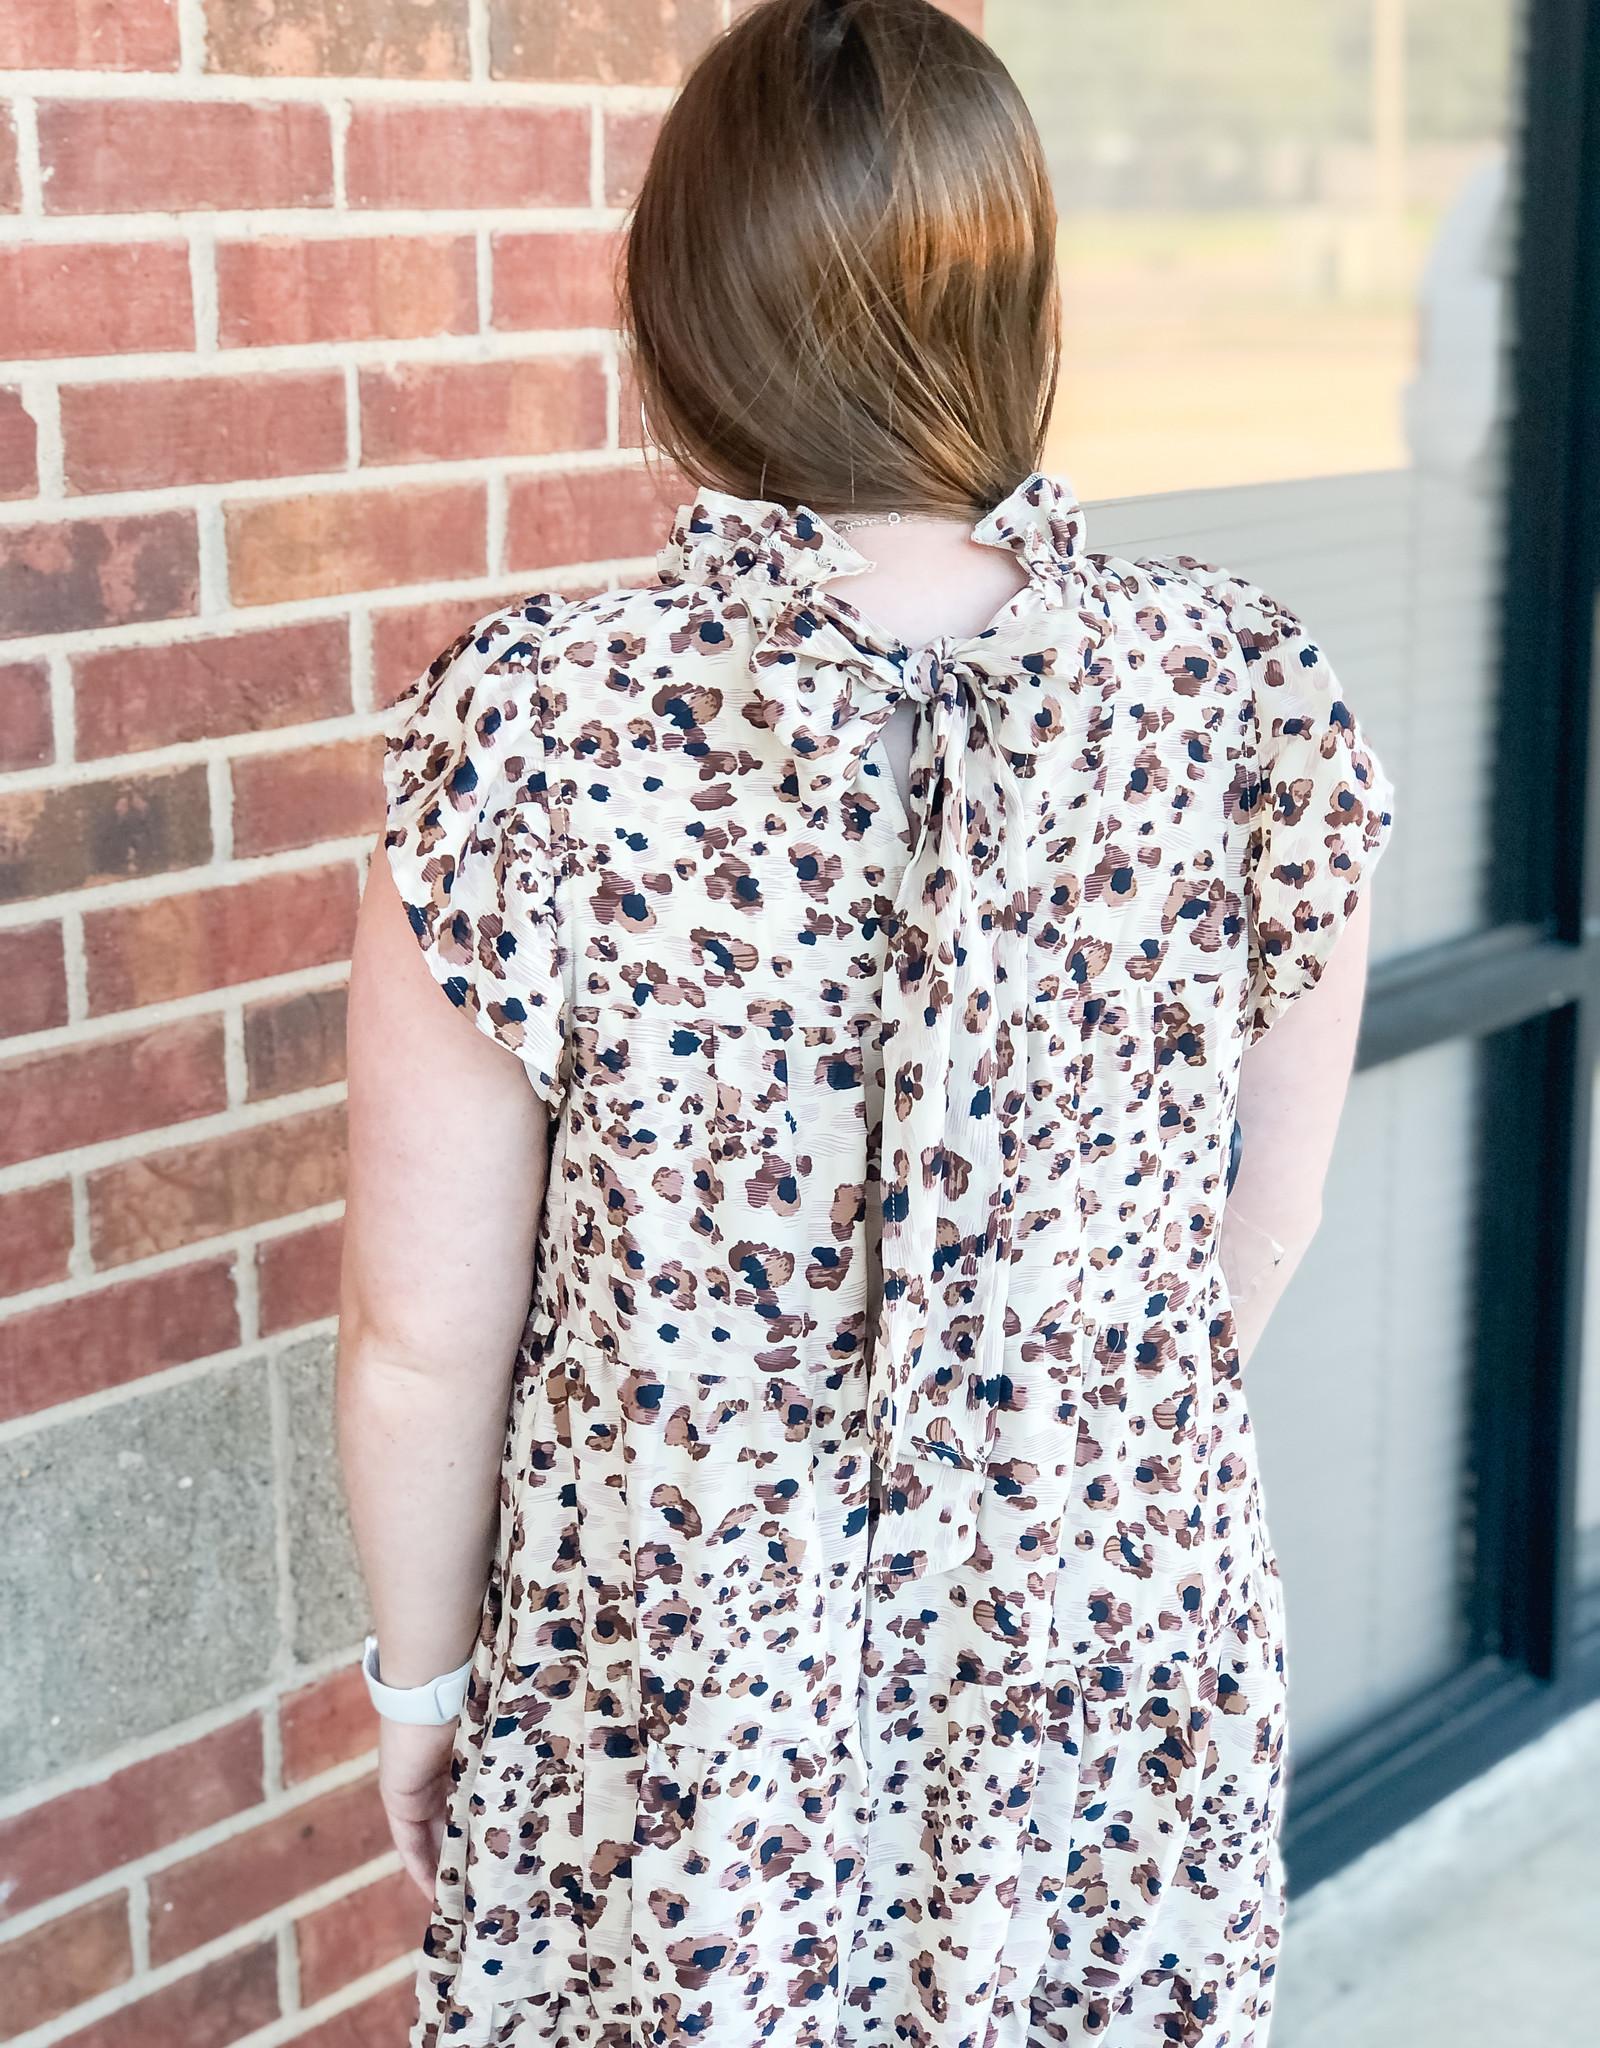 Leopard Ruffle Dress w/ Bow Back